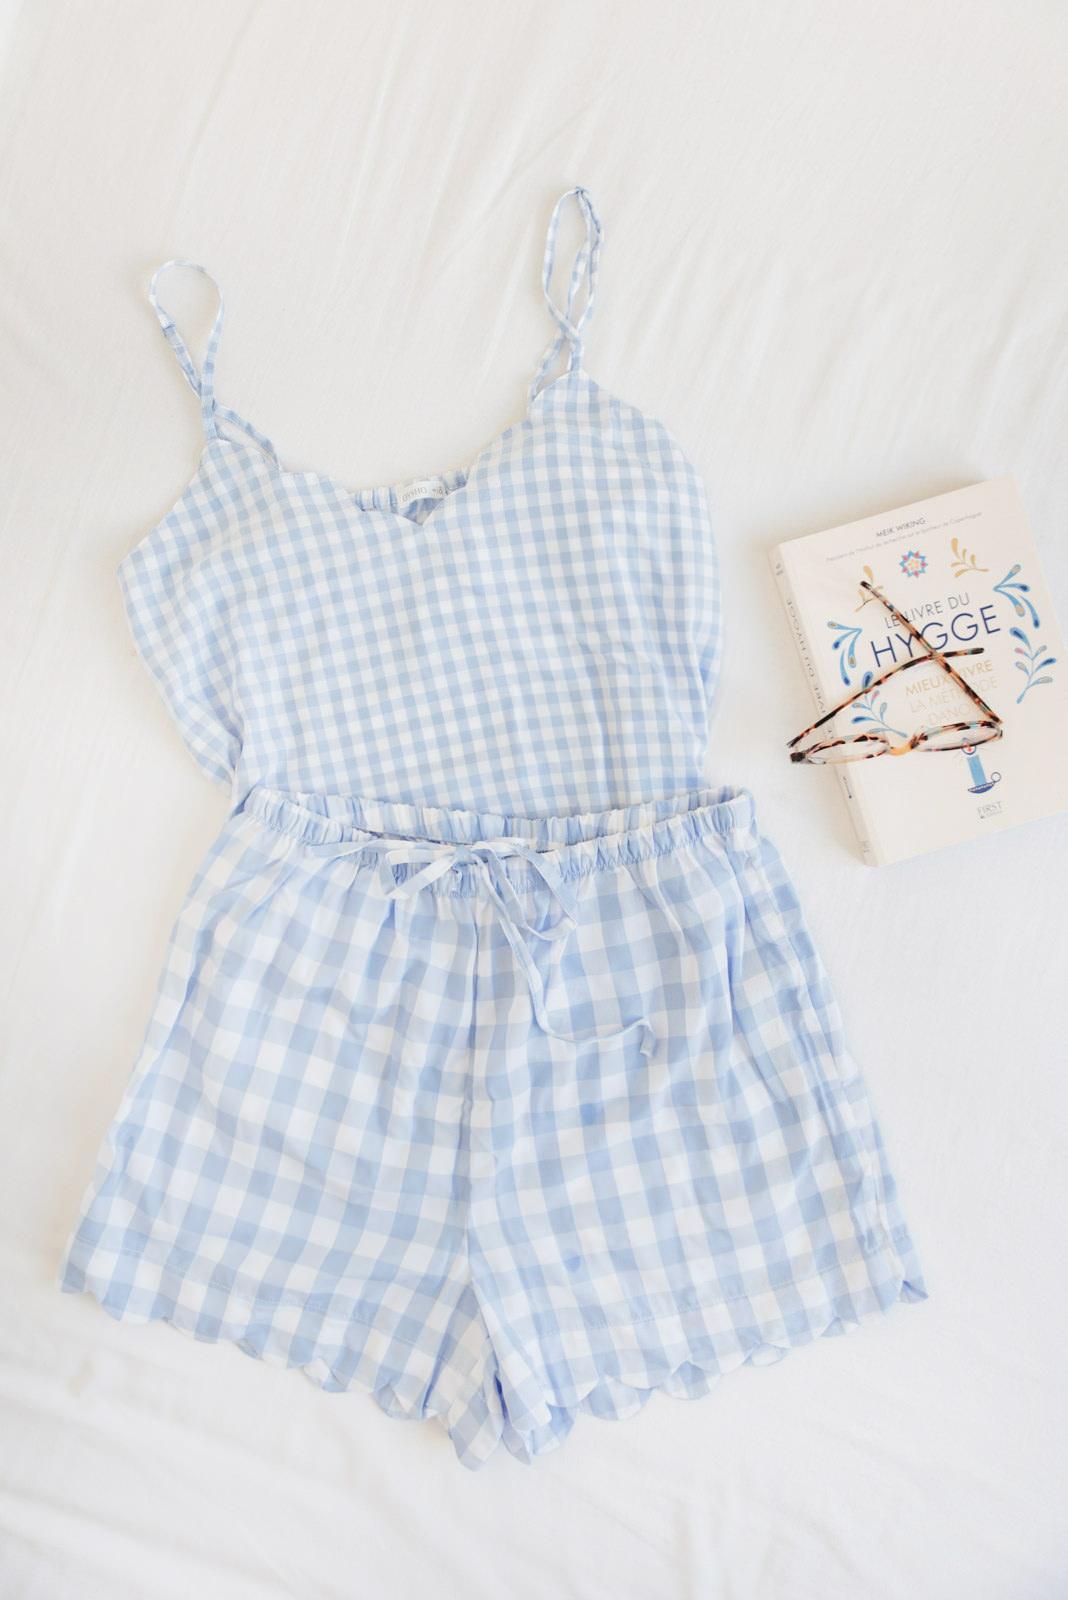 Blog-Mode-And-The-City-Lifestyle-Cinq-Petites-Choses-224-pyjama-oysho